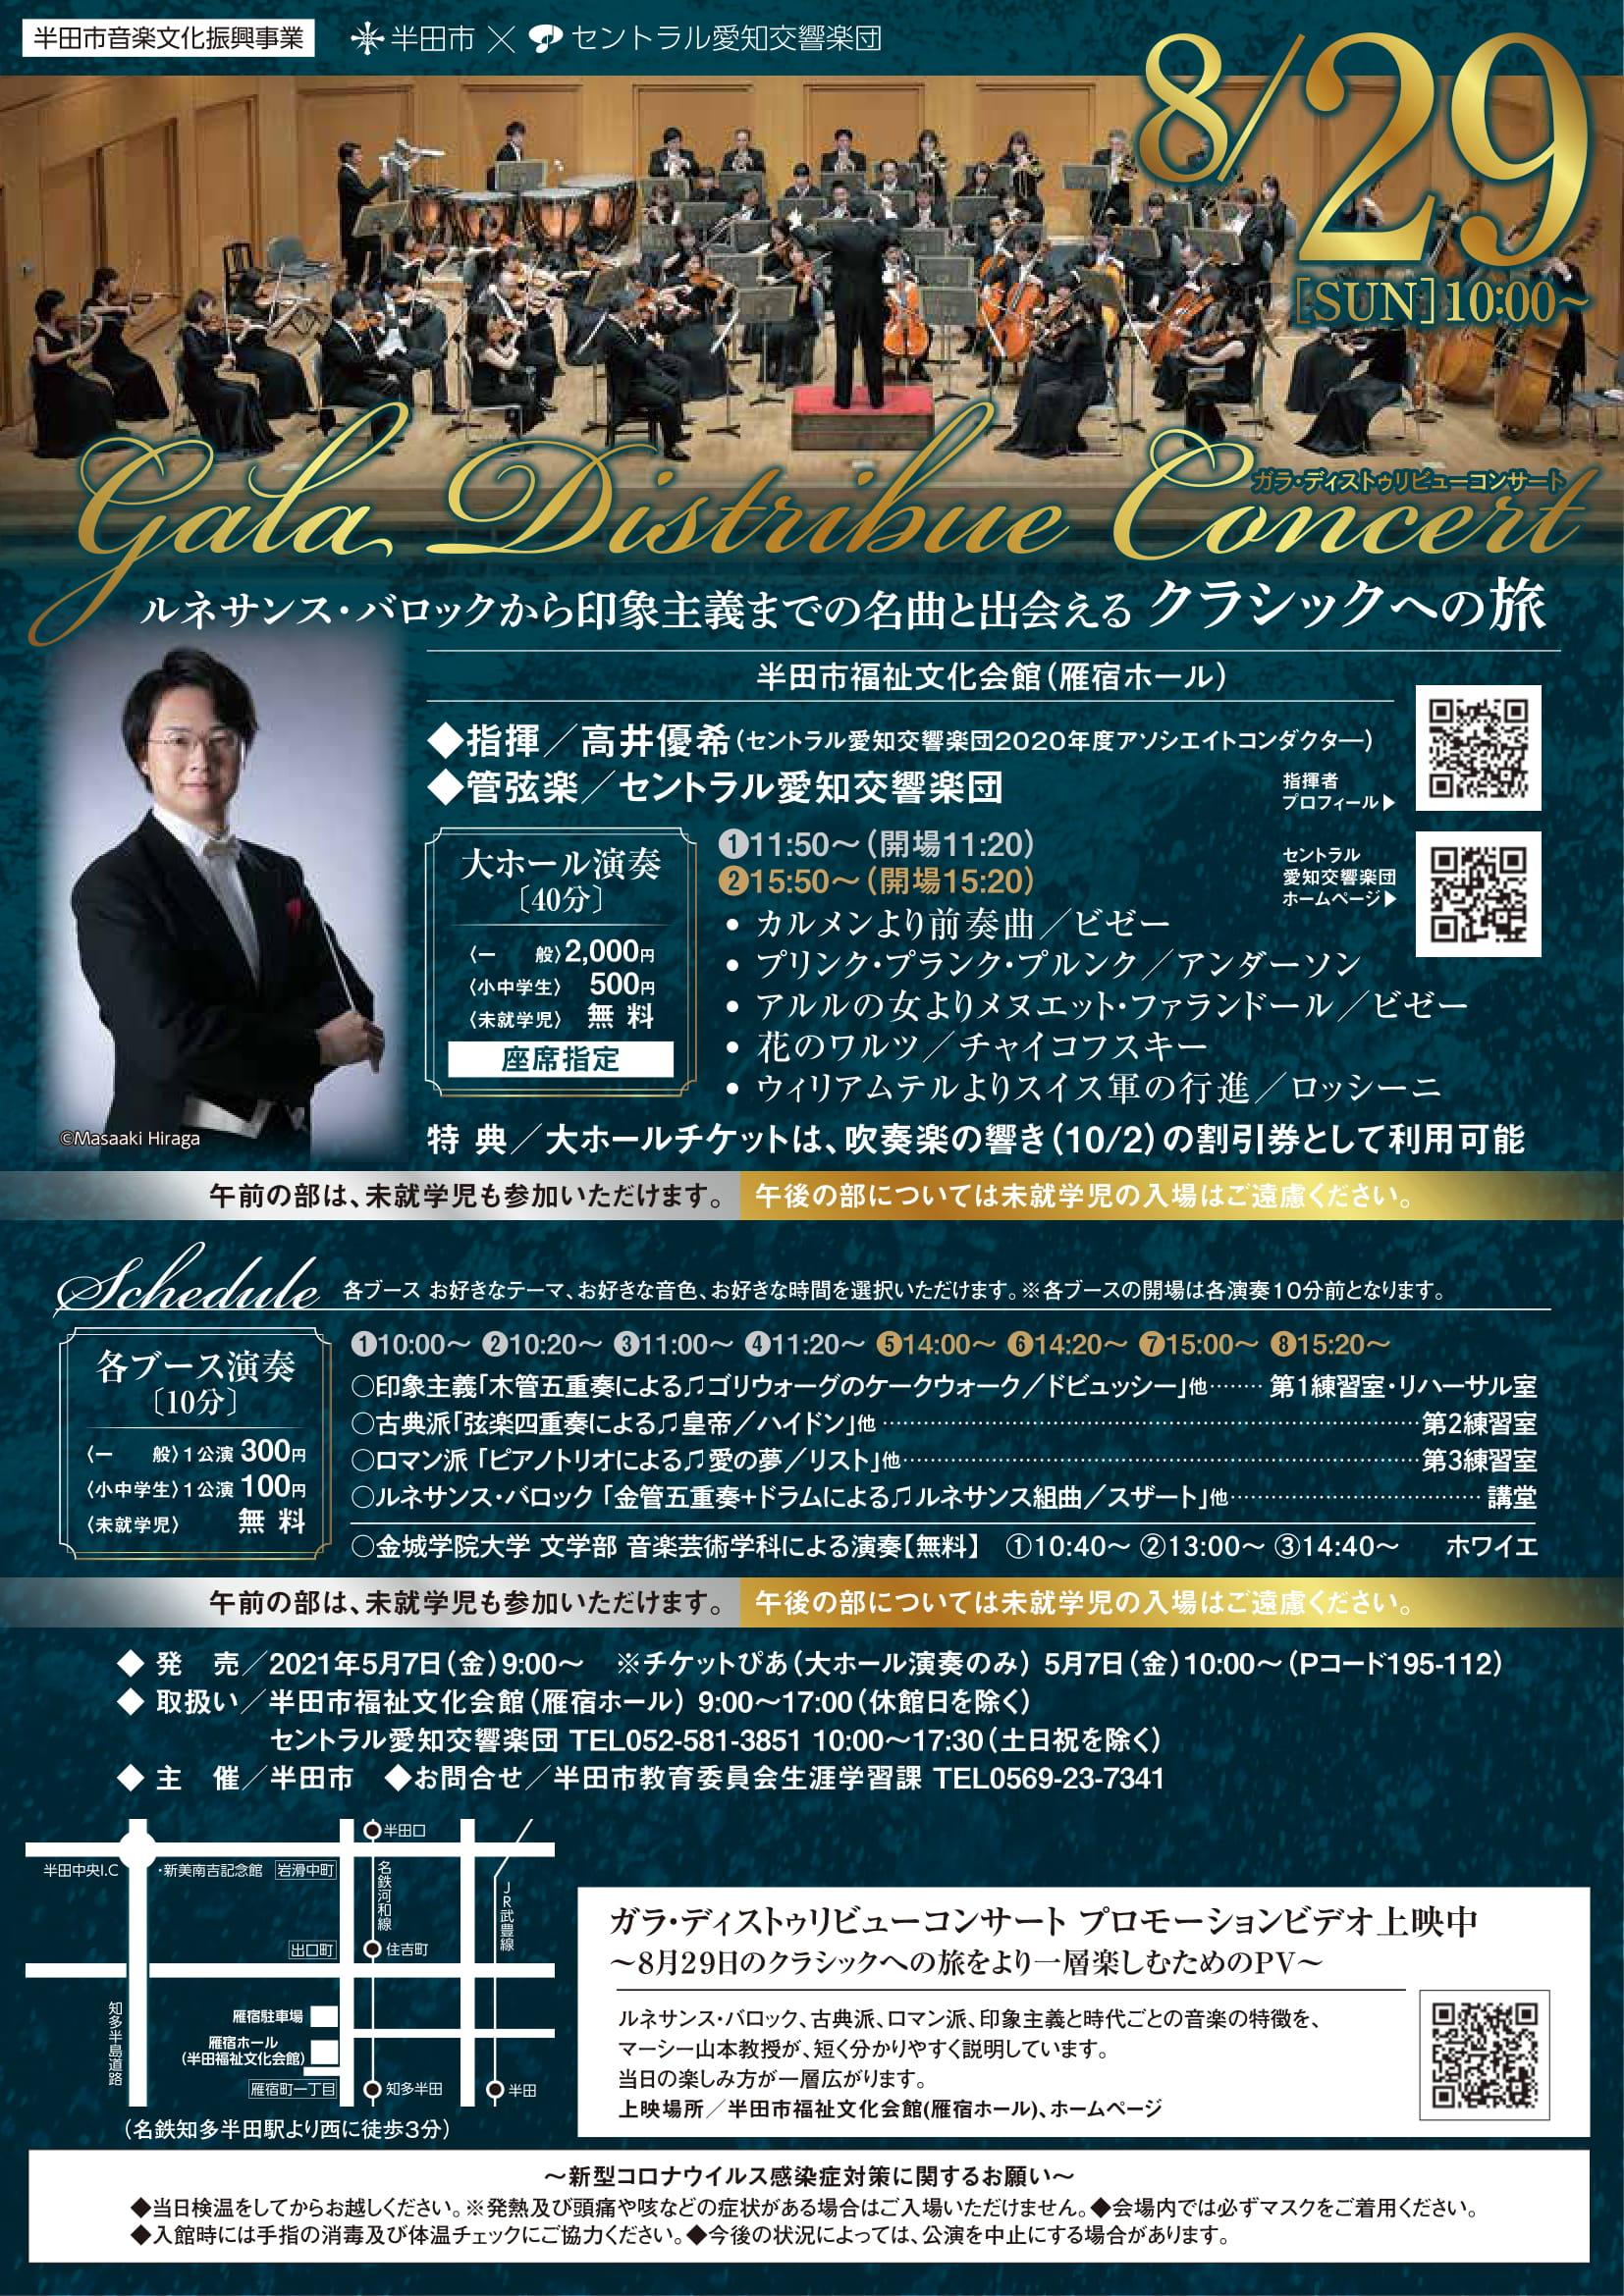 ガラ・ディストゥリビュー・コンサート(クラシックへの旅・午前の部)